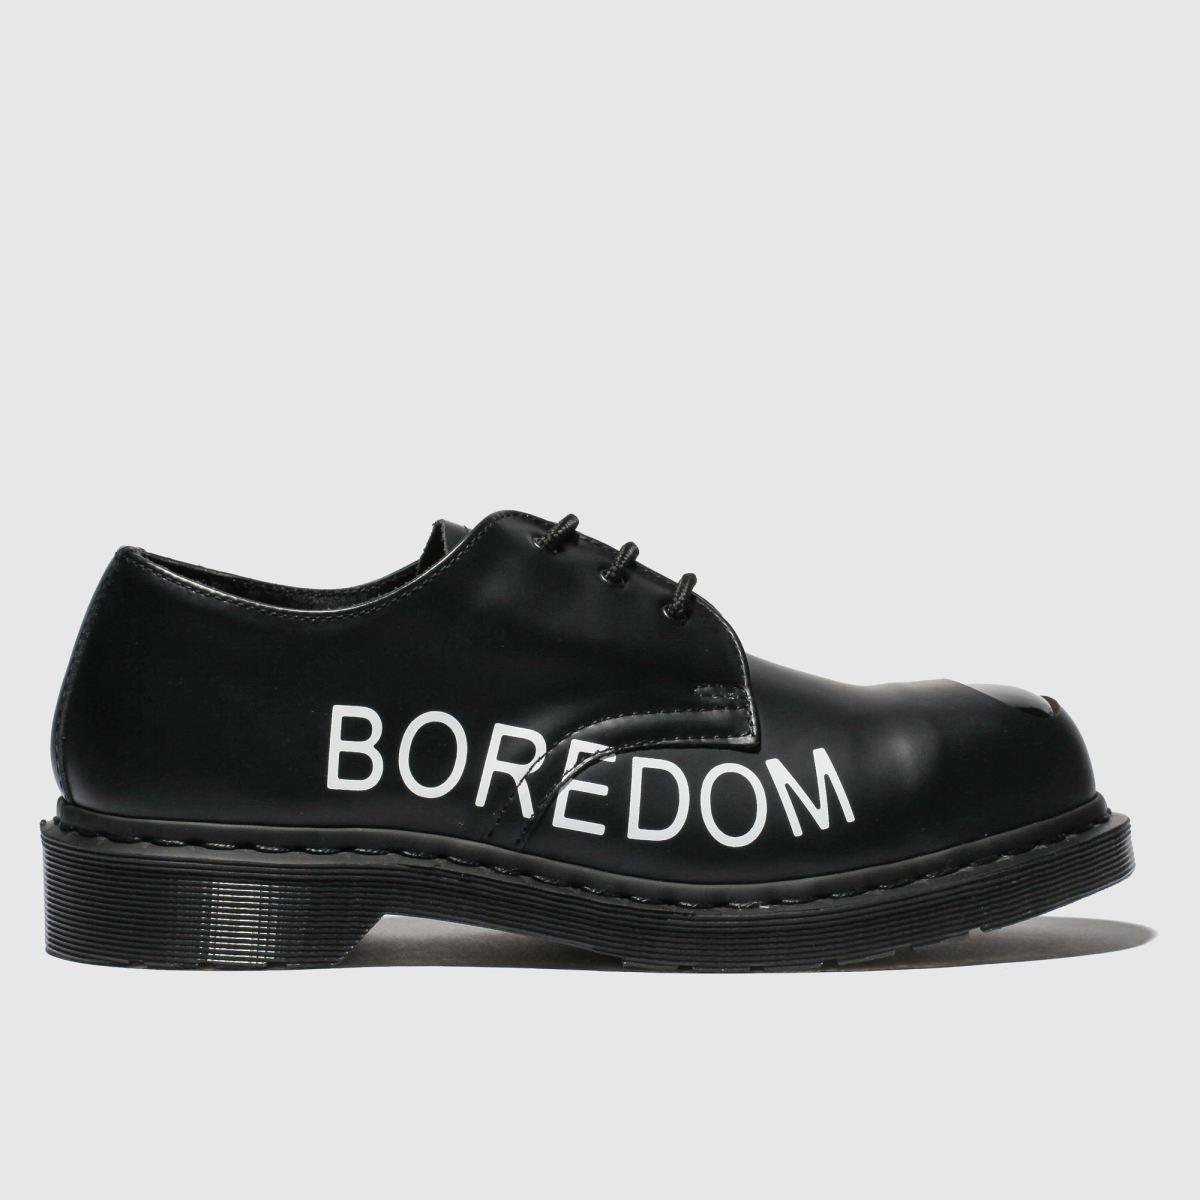 Dr Martens Black & White 1925 X Sex Pistols Shoes